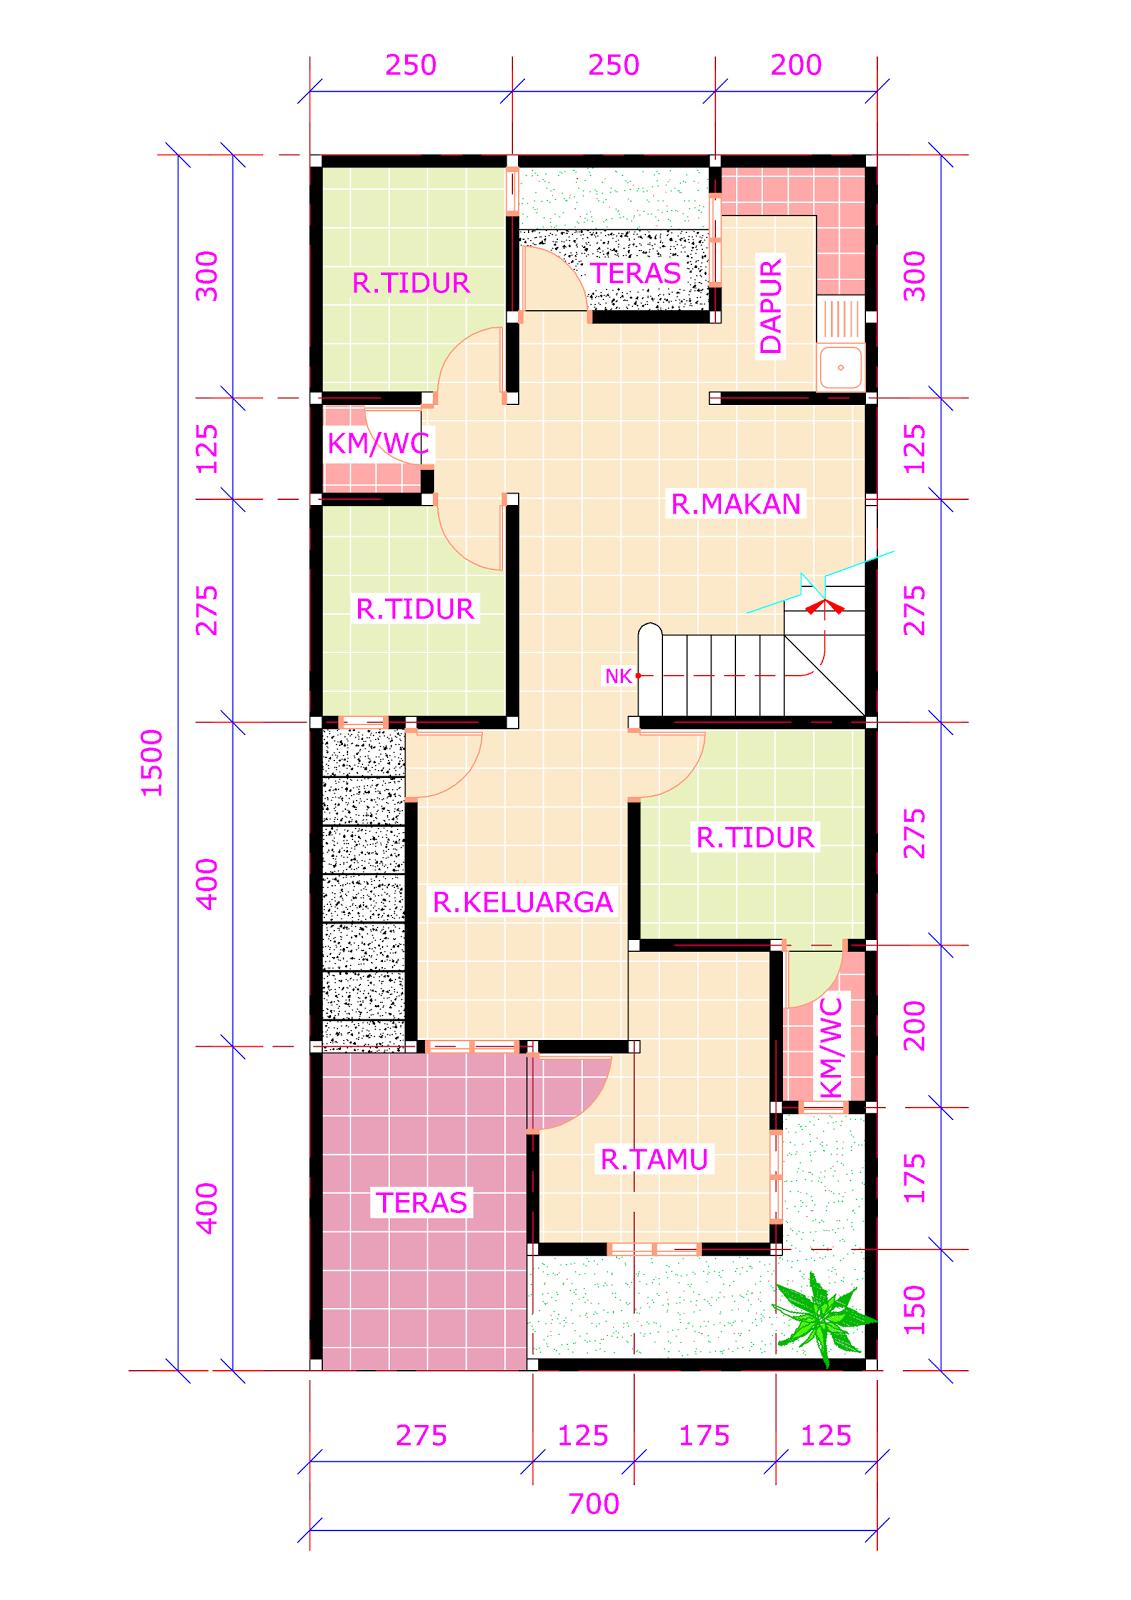 63 Desain Rumah Minimalis 7 X 15 Desain Rumah Minimalis Terbaru